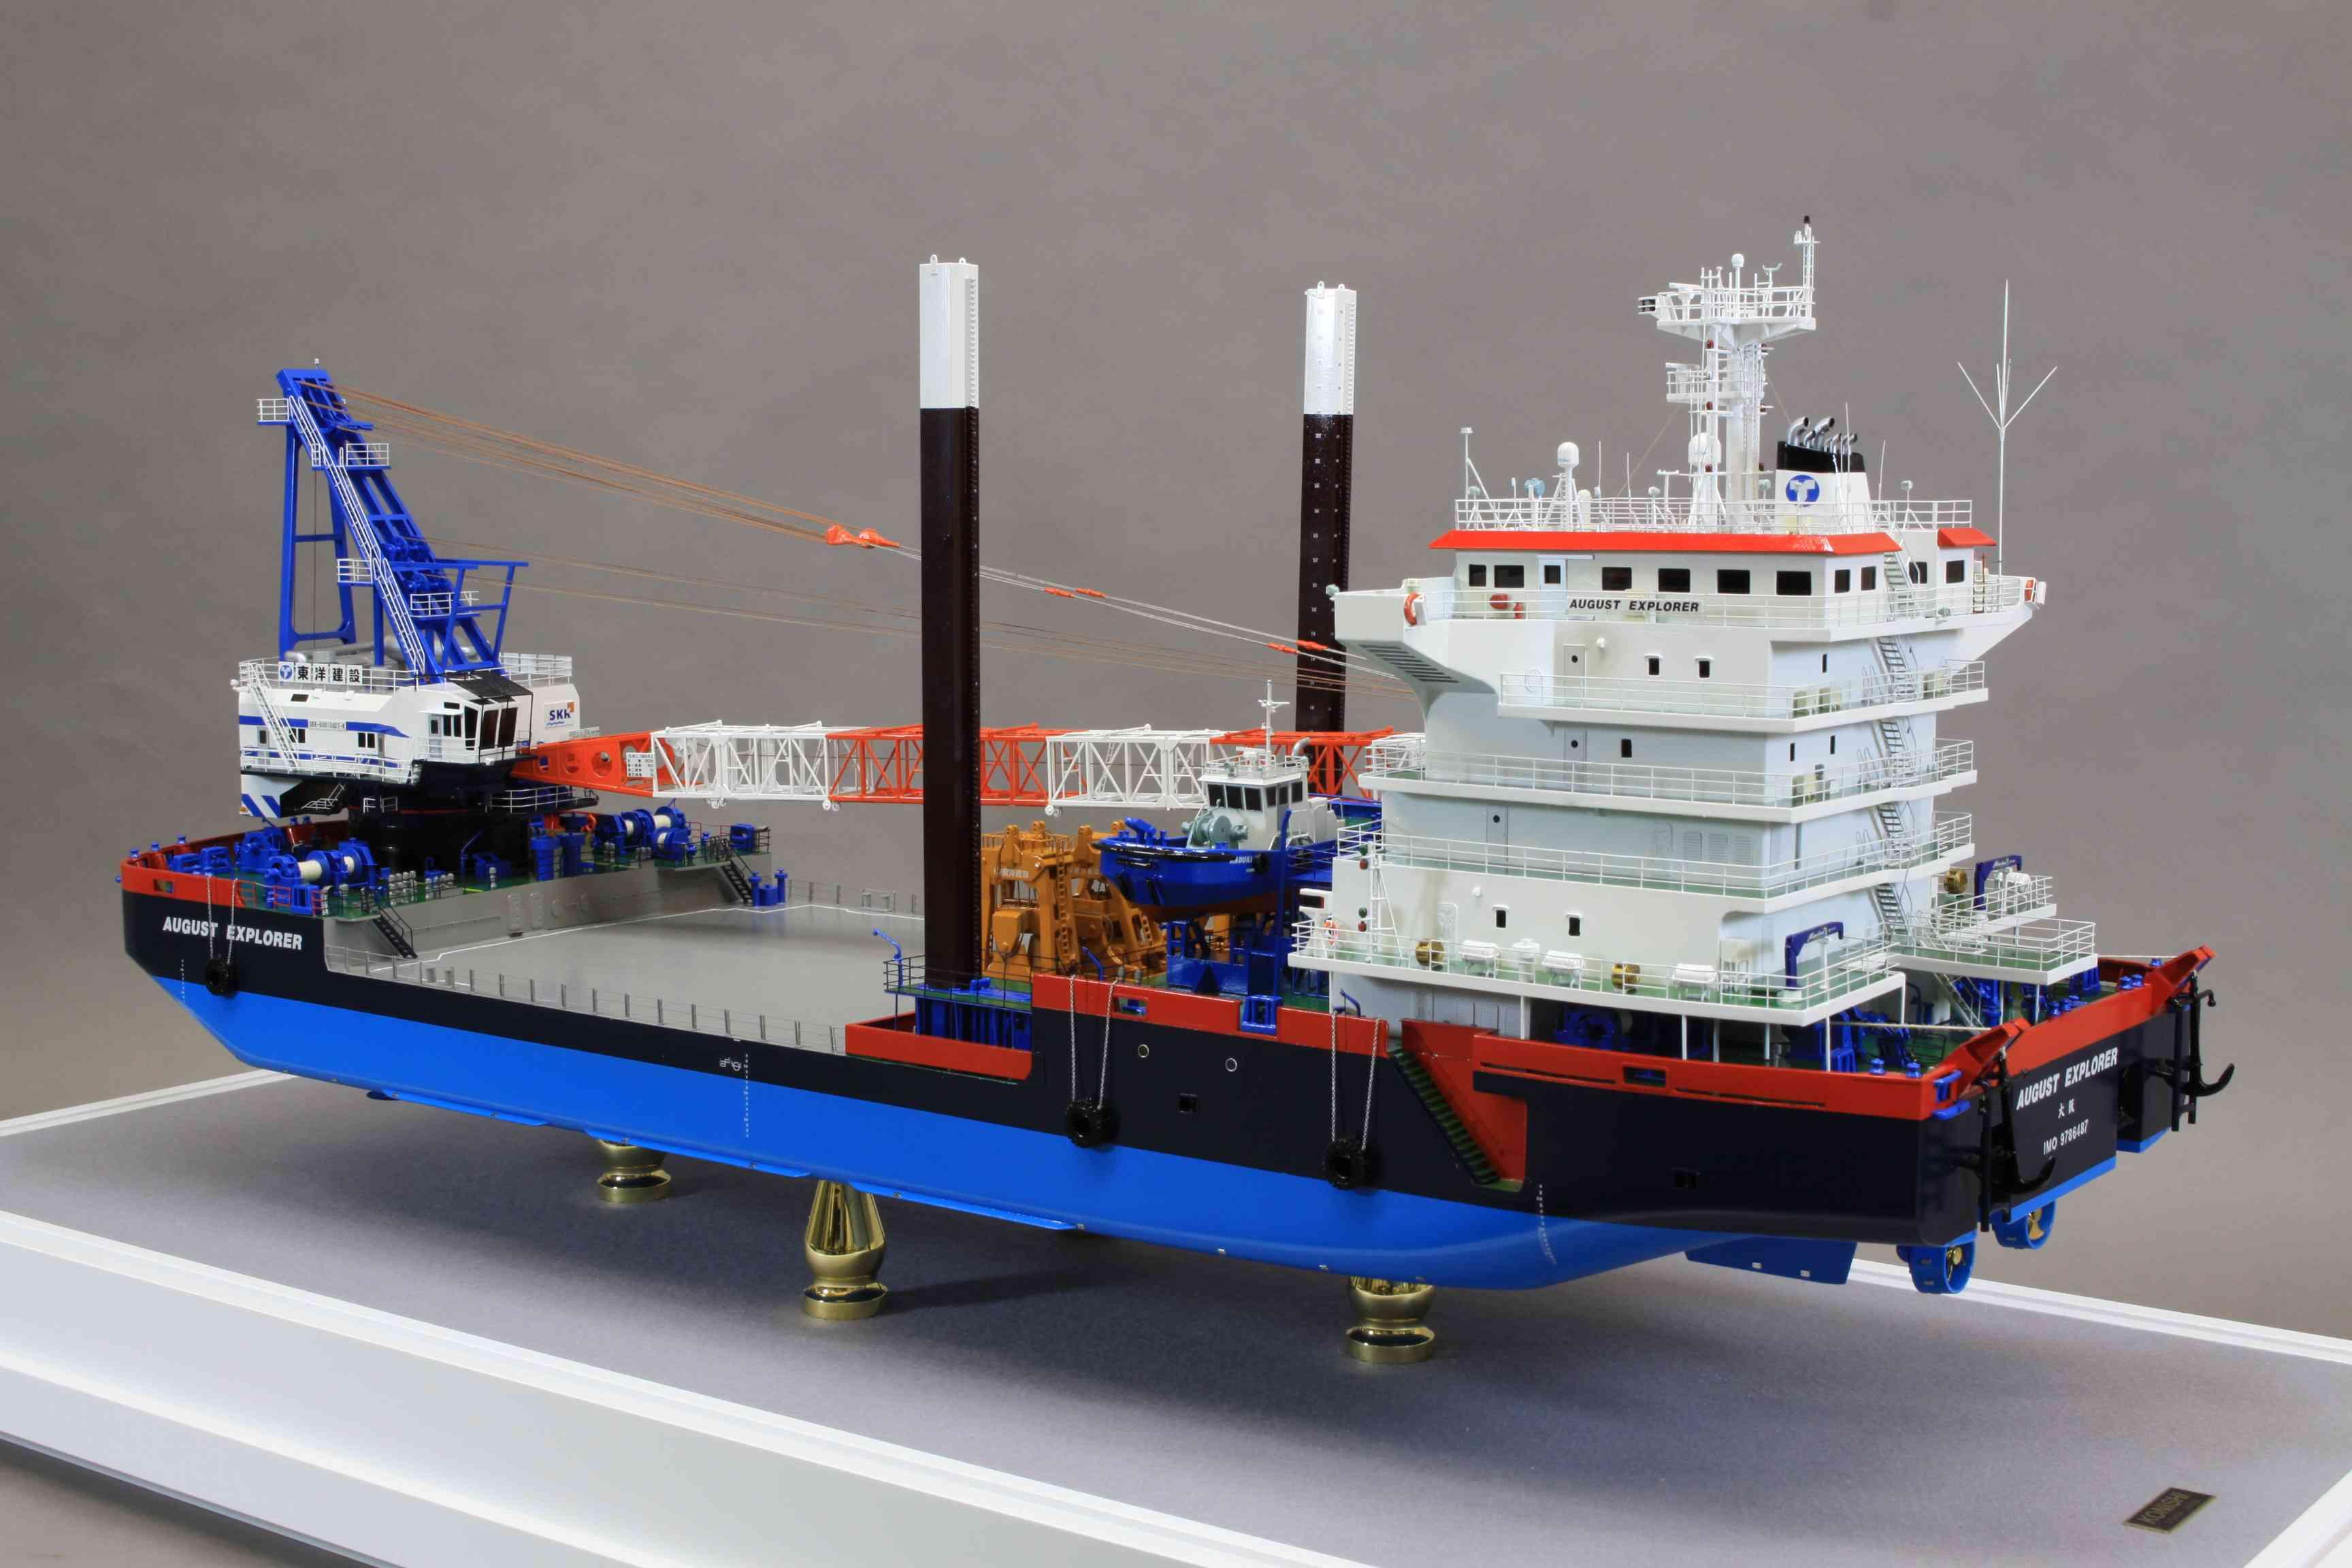 実際に展示する船の模型